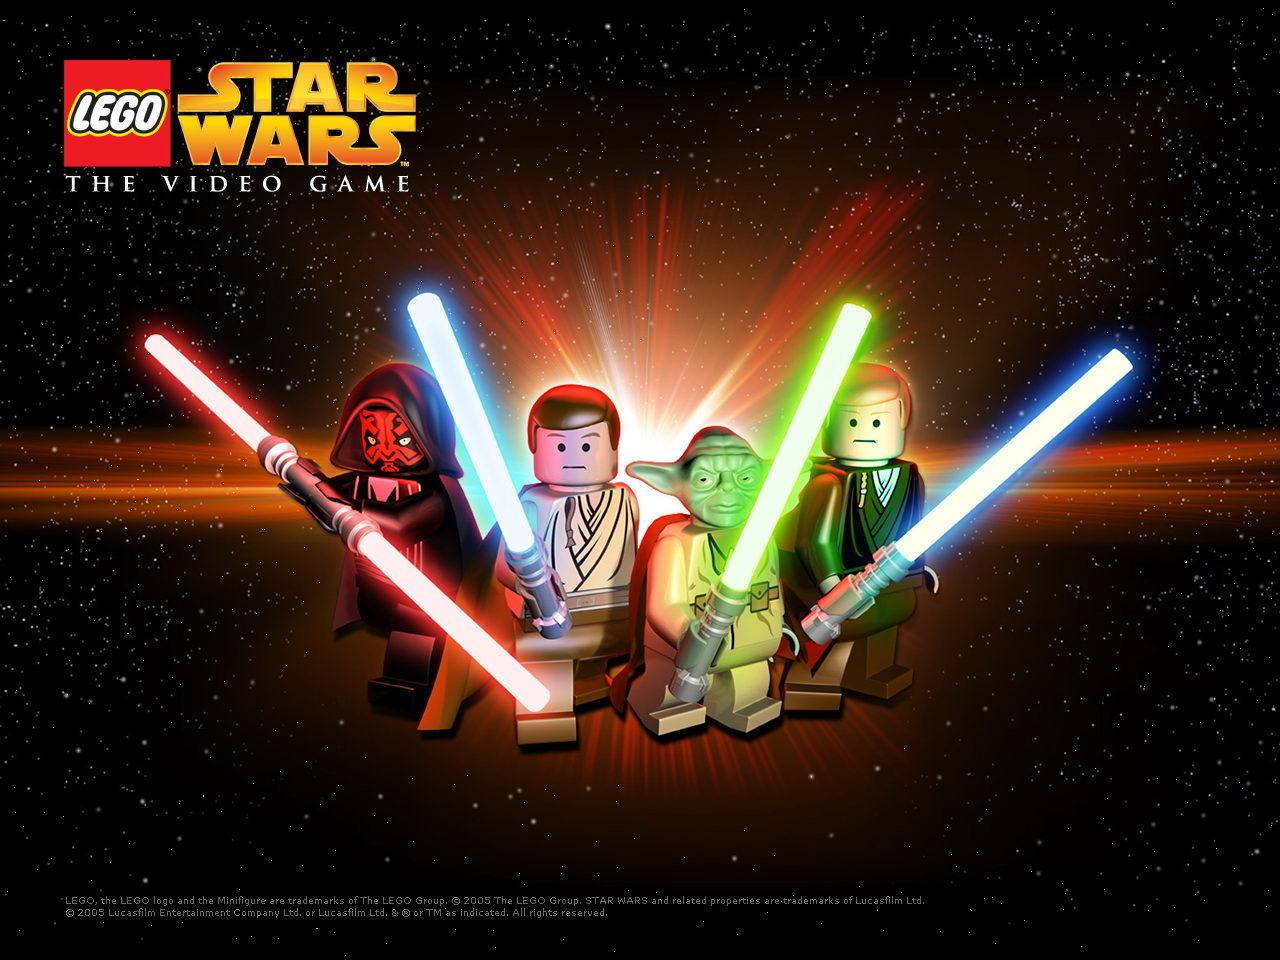 fond d 39 cran du jeu lego star wars le jeu vid o 1280x960 385856. Black Bedroom Furniture Sets. Home Design Ideas